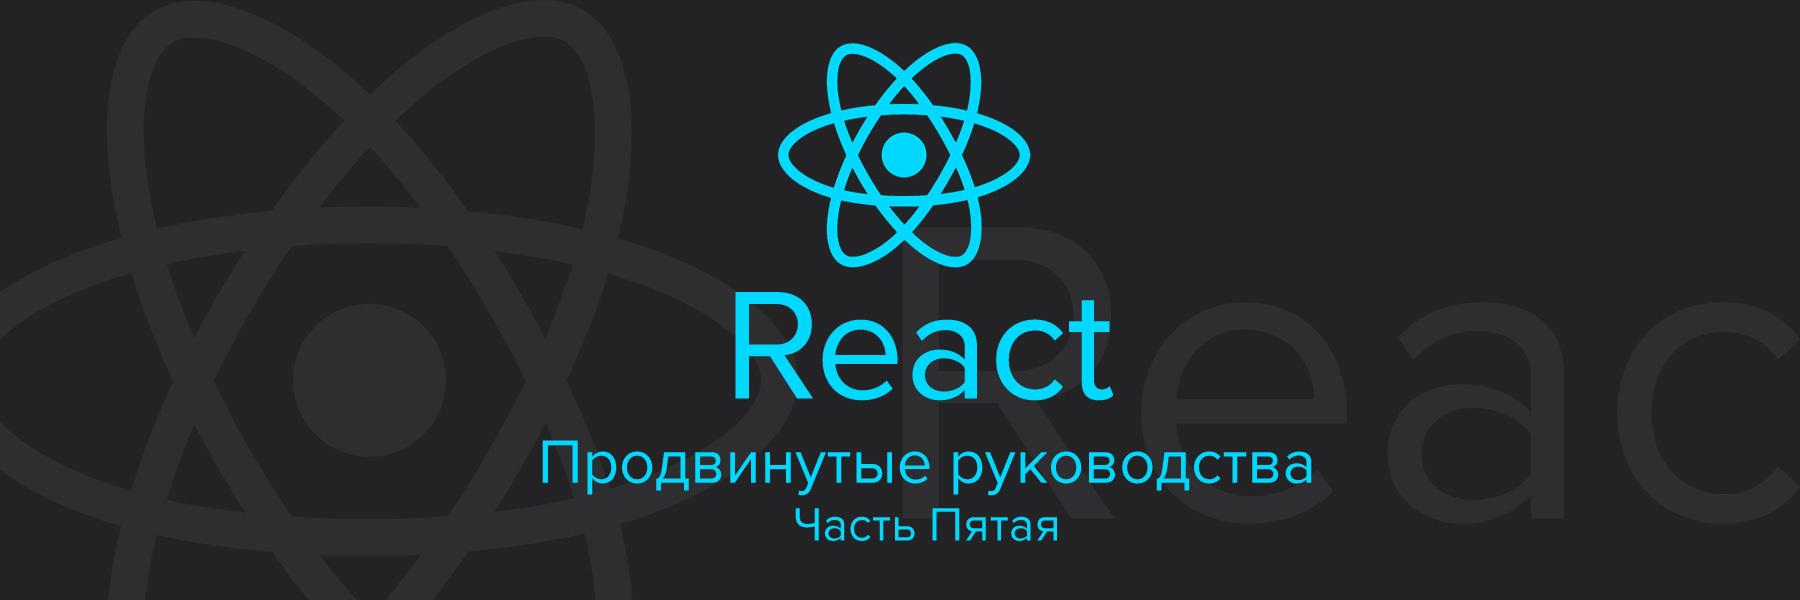 Оптимизация производительности в React